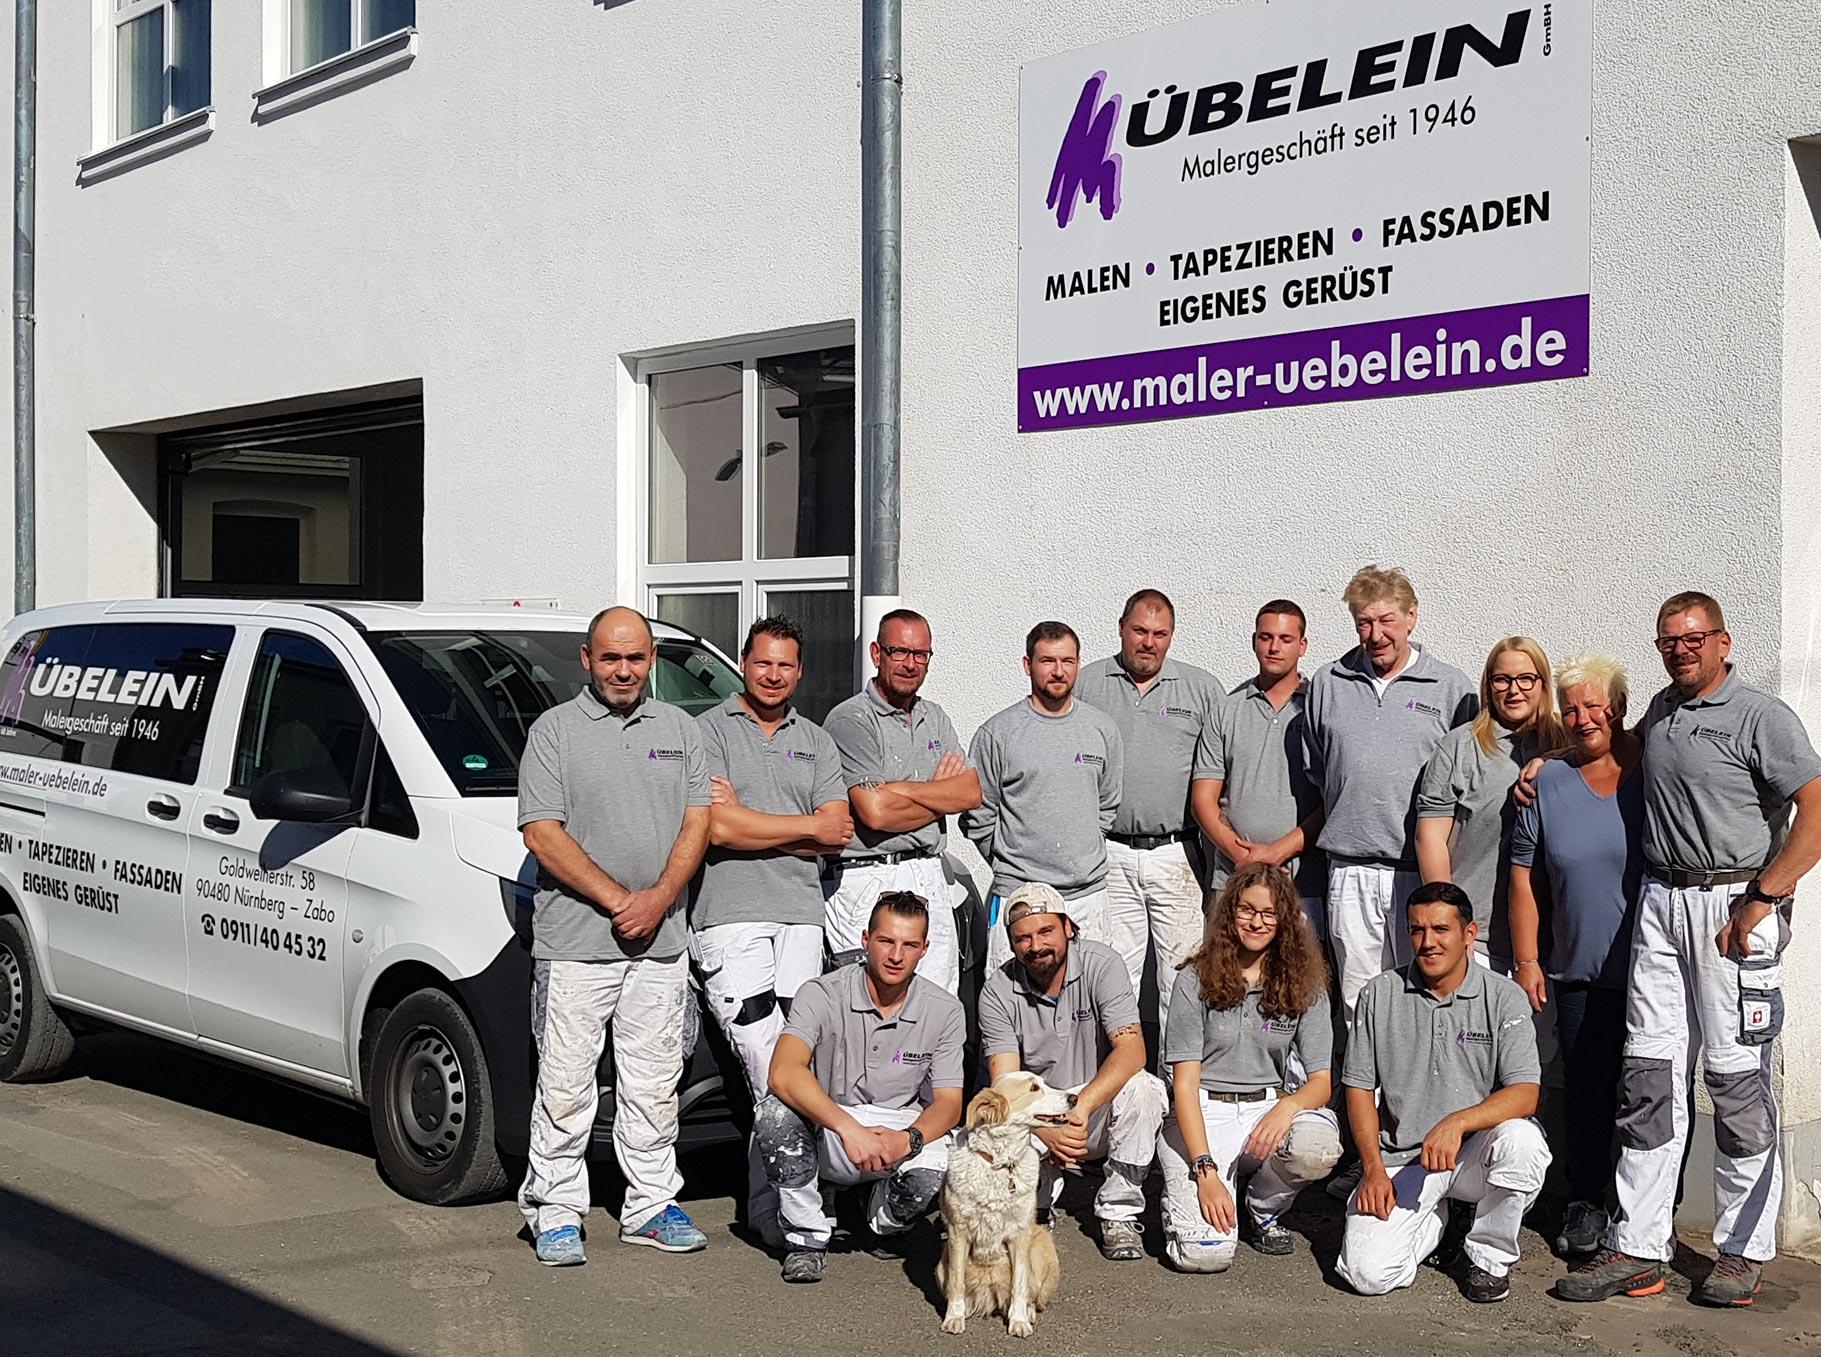 Maler Übelein Nürnberg Team